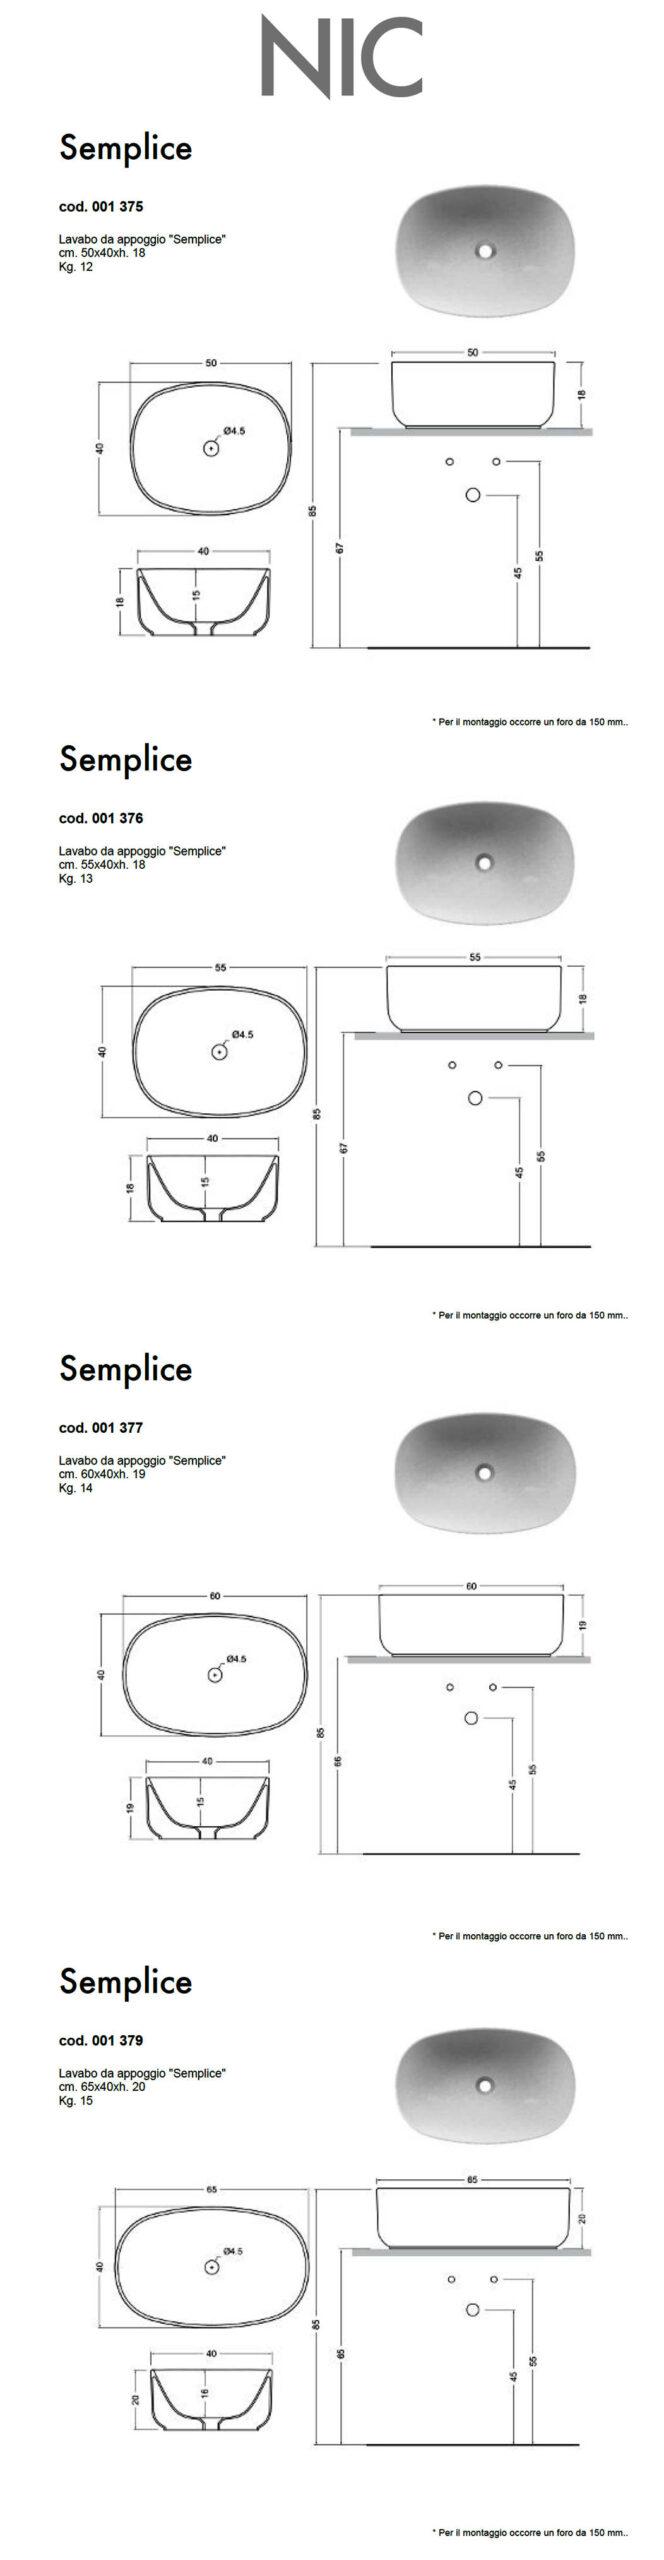 scheda tecnica lavabo da appoggio nic design semplice